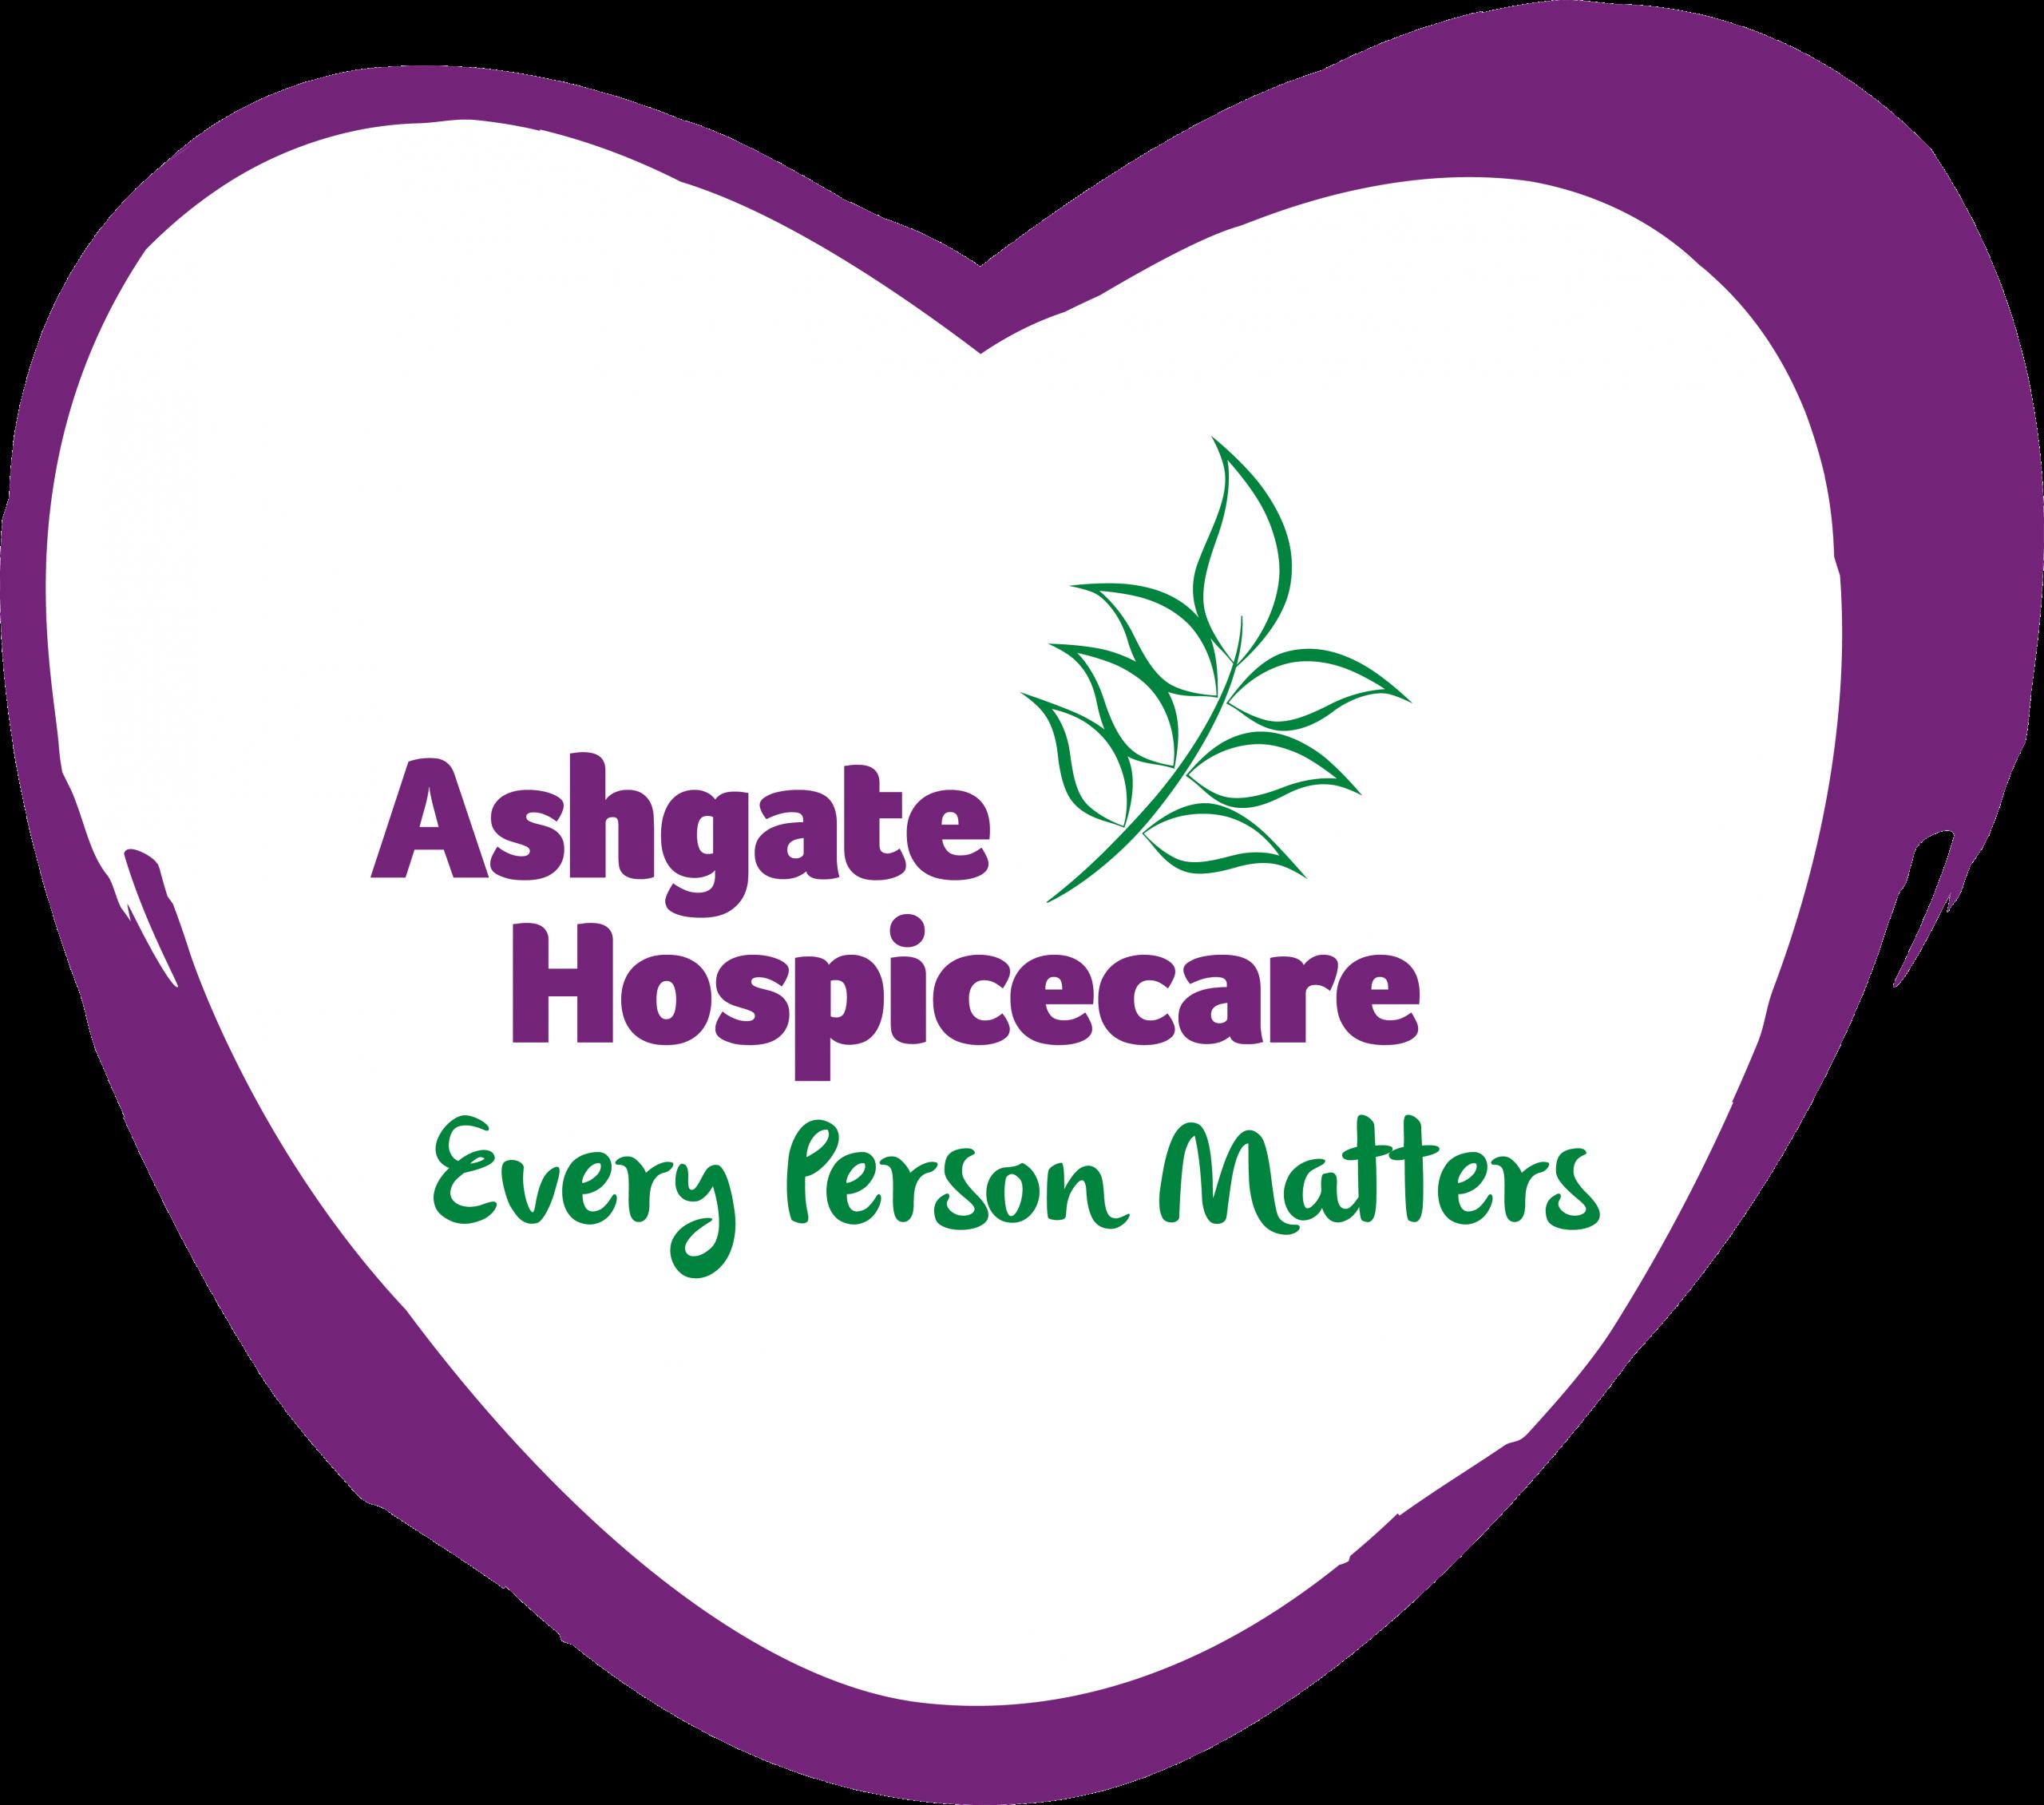 Ash Gate Hospicecare